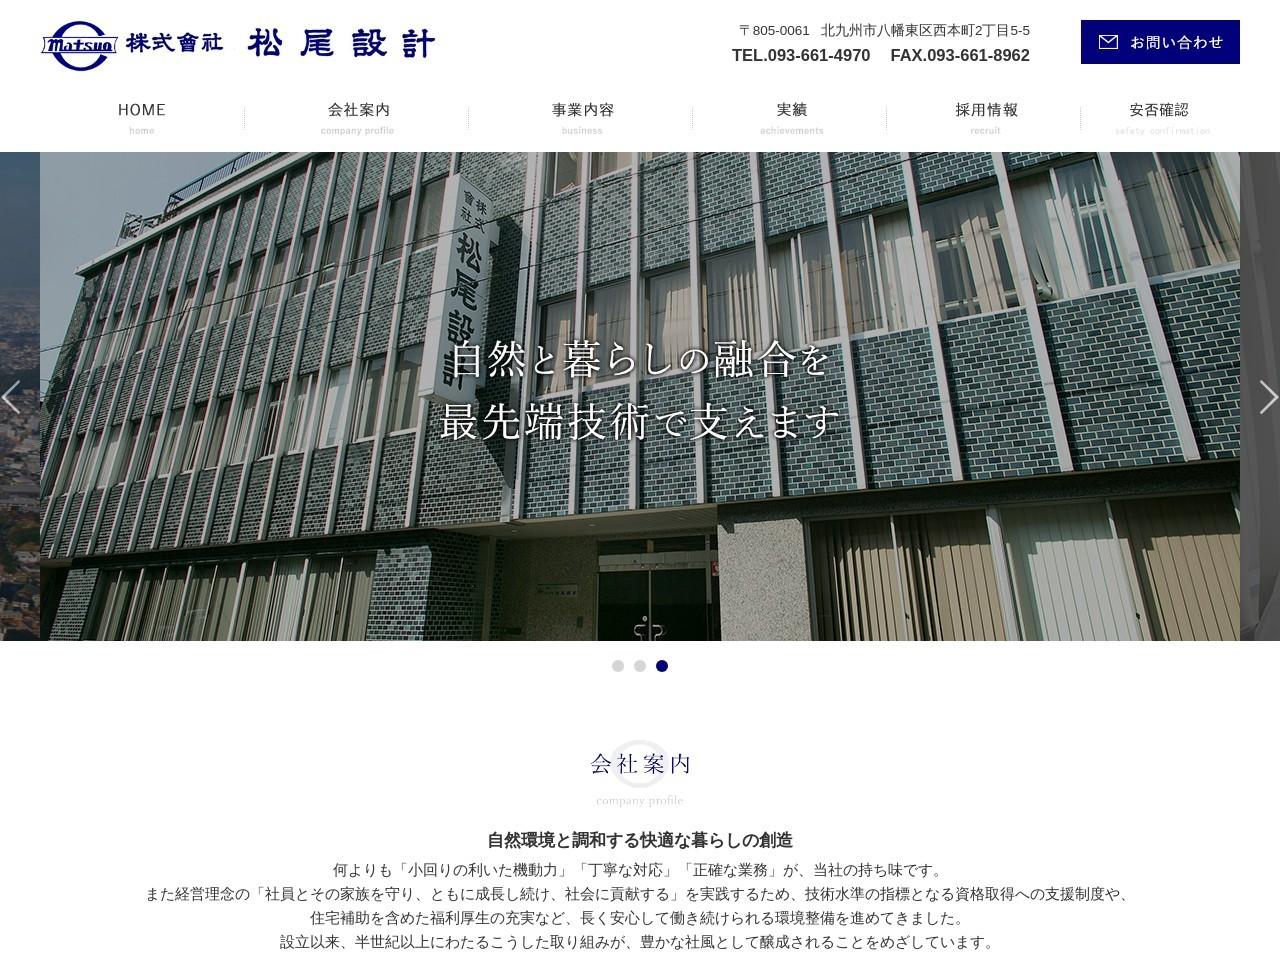 株式会社松尾設計沖縄事務所